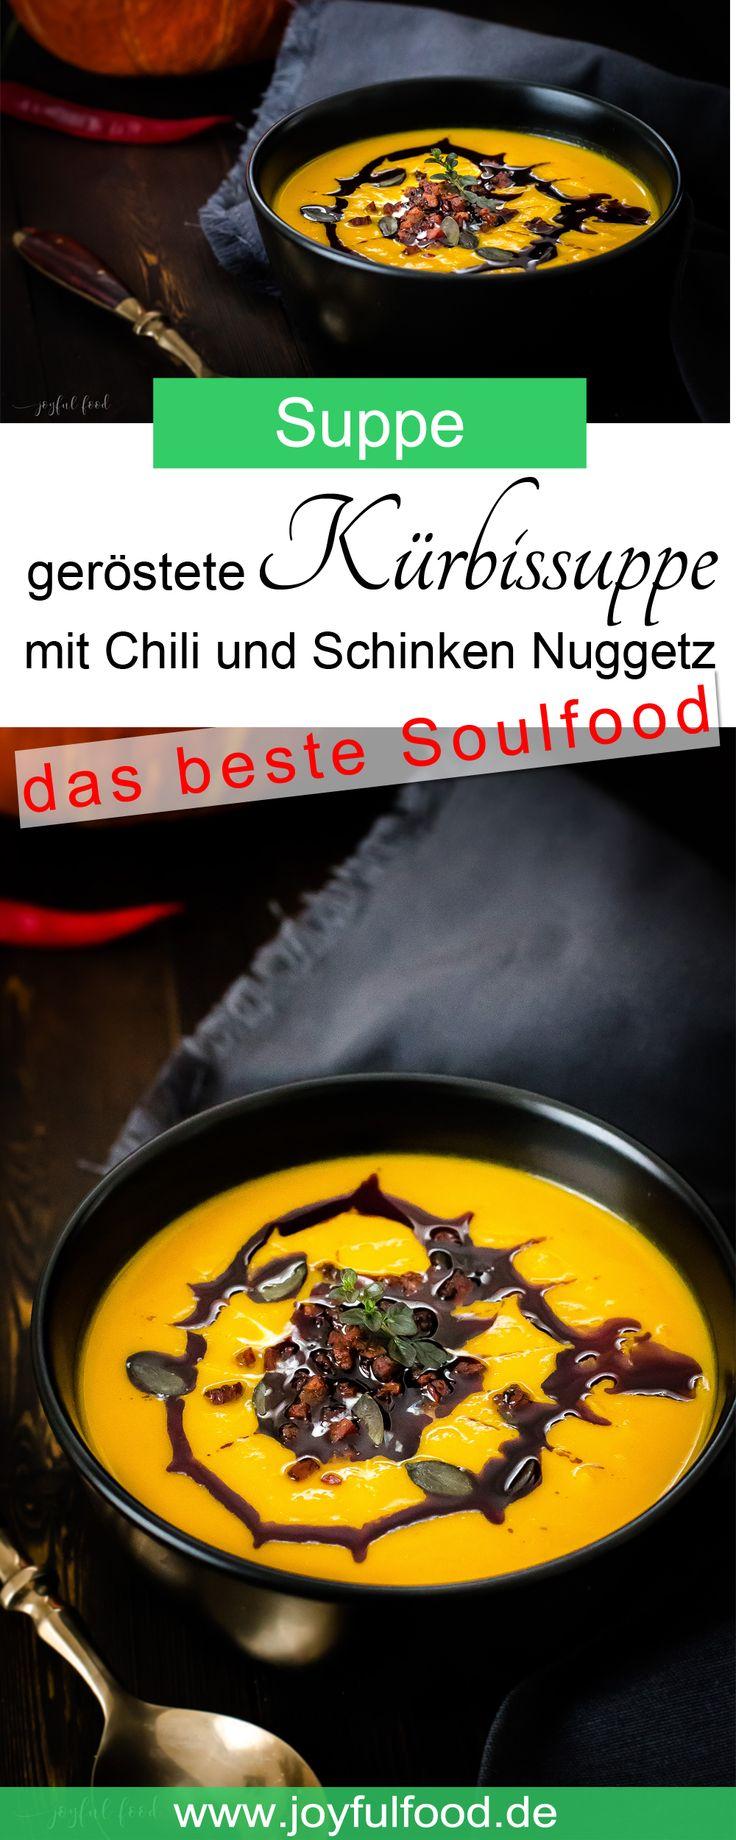 Geröstete Kürbissuppe mit Chili Schinken Nuggetz. Soulfood gegen die Herbstblues. Leckeres und einfaches Rezept.  #Kürbis #Kürbissuppe #Soulfood #Herbstblues #Suppe #Rezept #Hokkaido #Schinken #Reinert #Reinertnuggetz